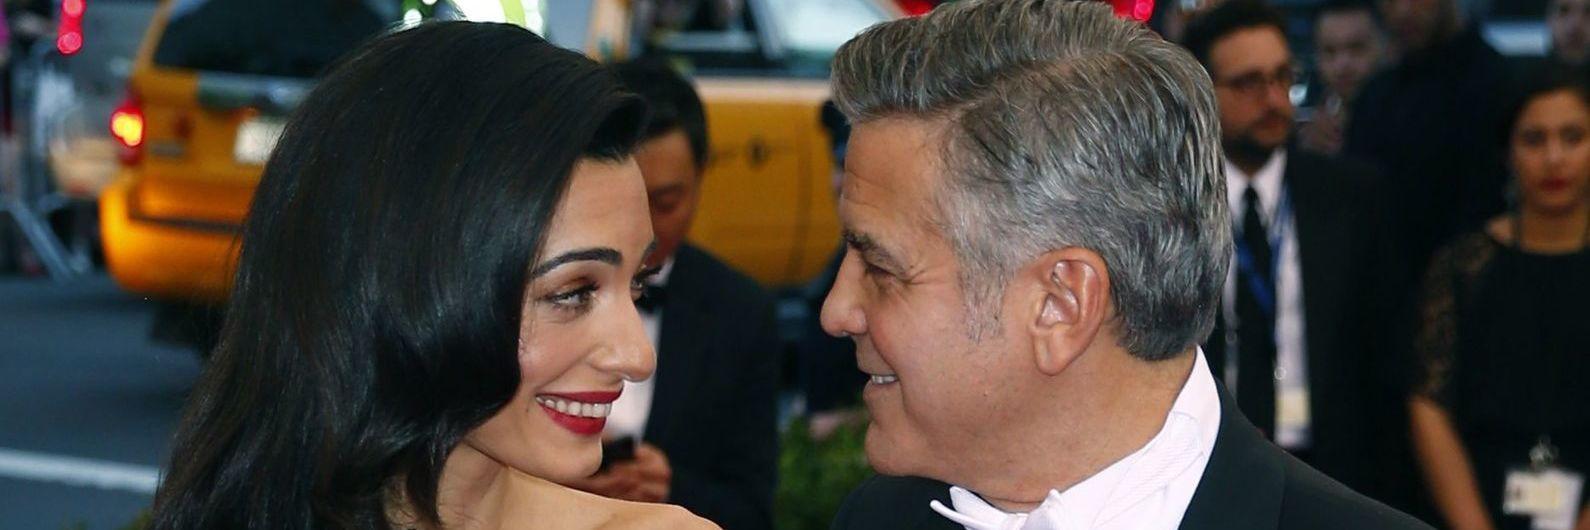 Conheça as mulheres que já conquistaram George Clooney